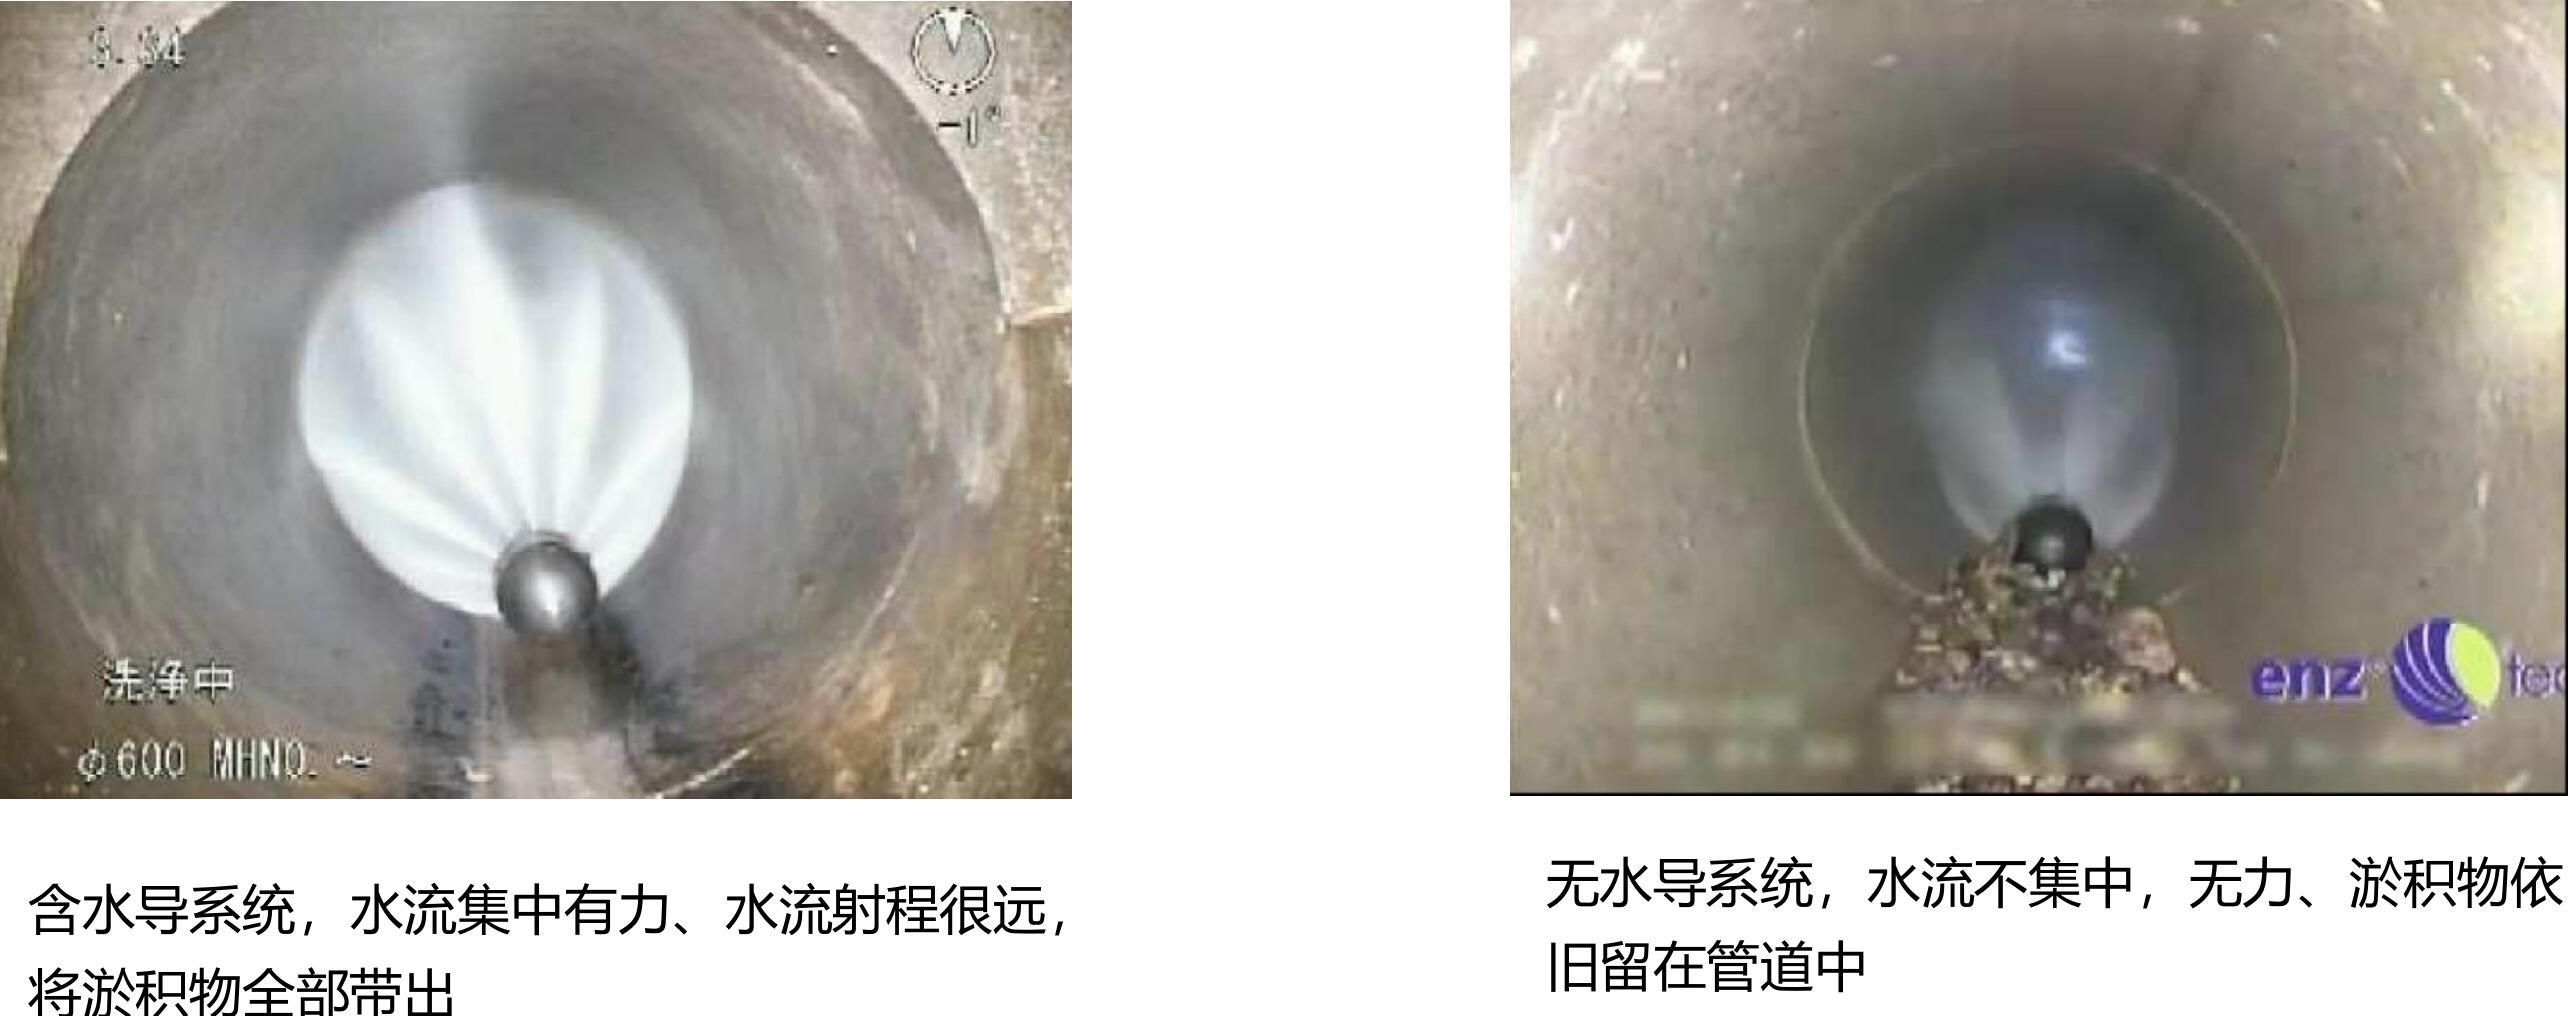 喷头在管道预处理中的应用